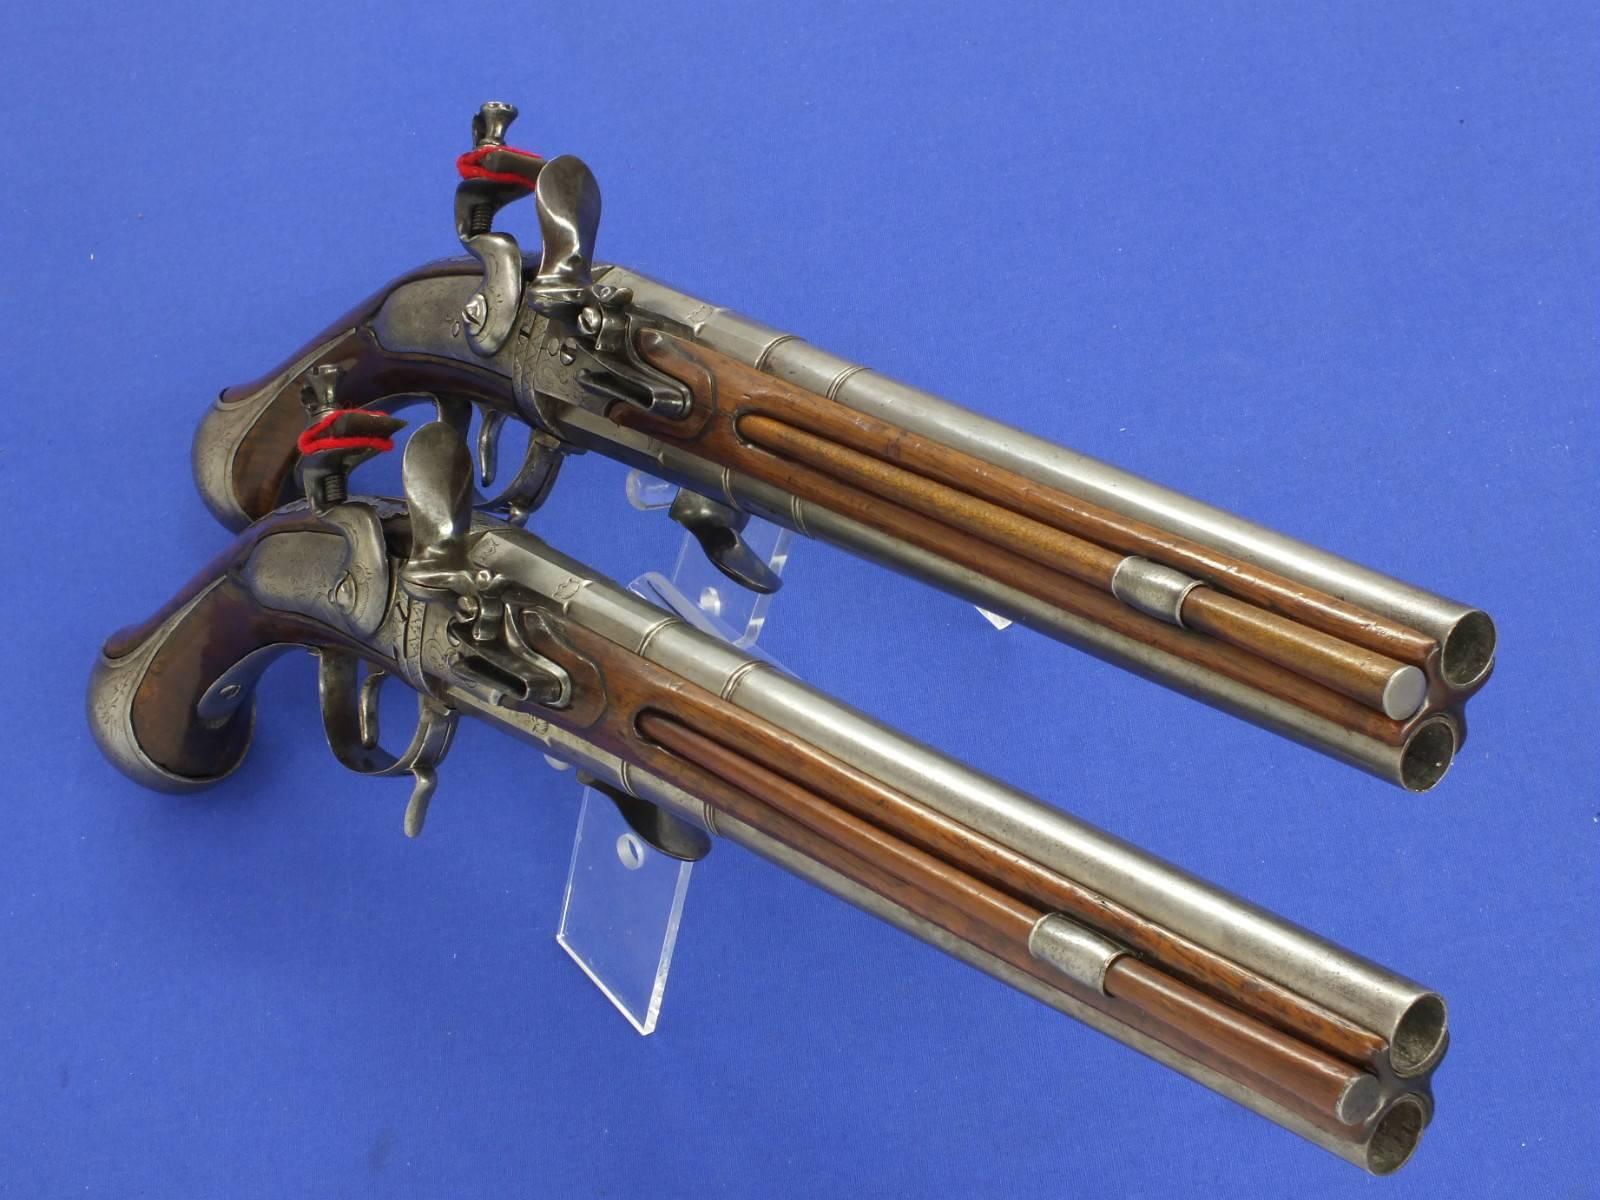 Кто изобрел мушкетон 16 века. мушкет — силы пехоты и оружие бравых солдат. особенности ведения боя с помощью мушкетов